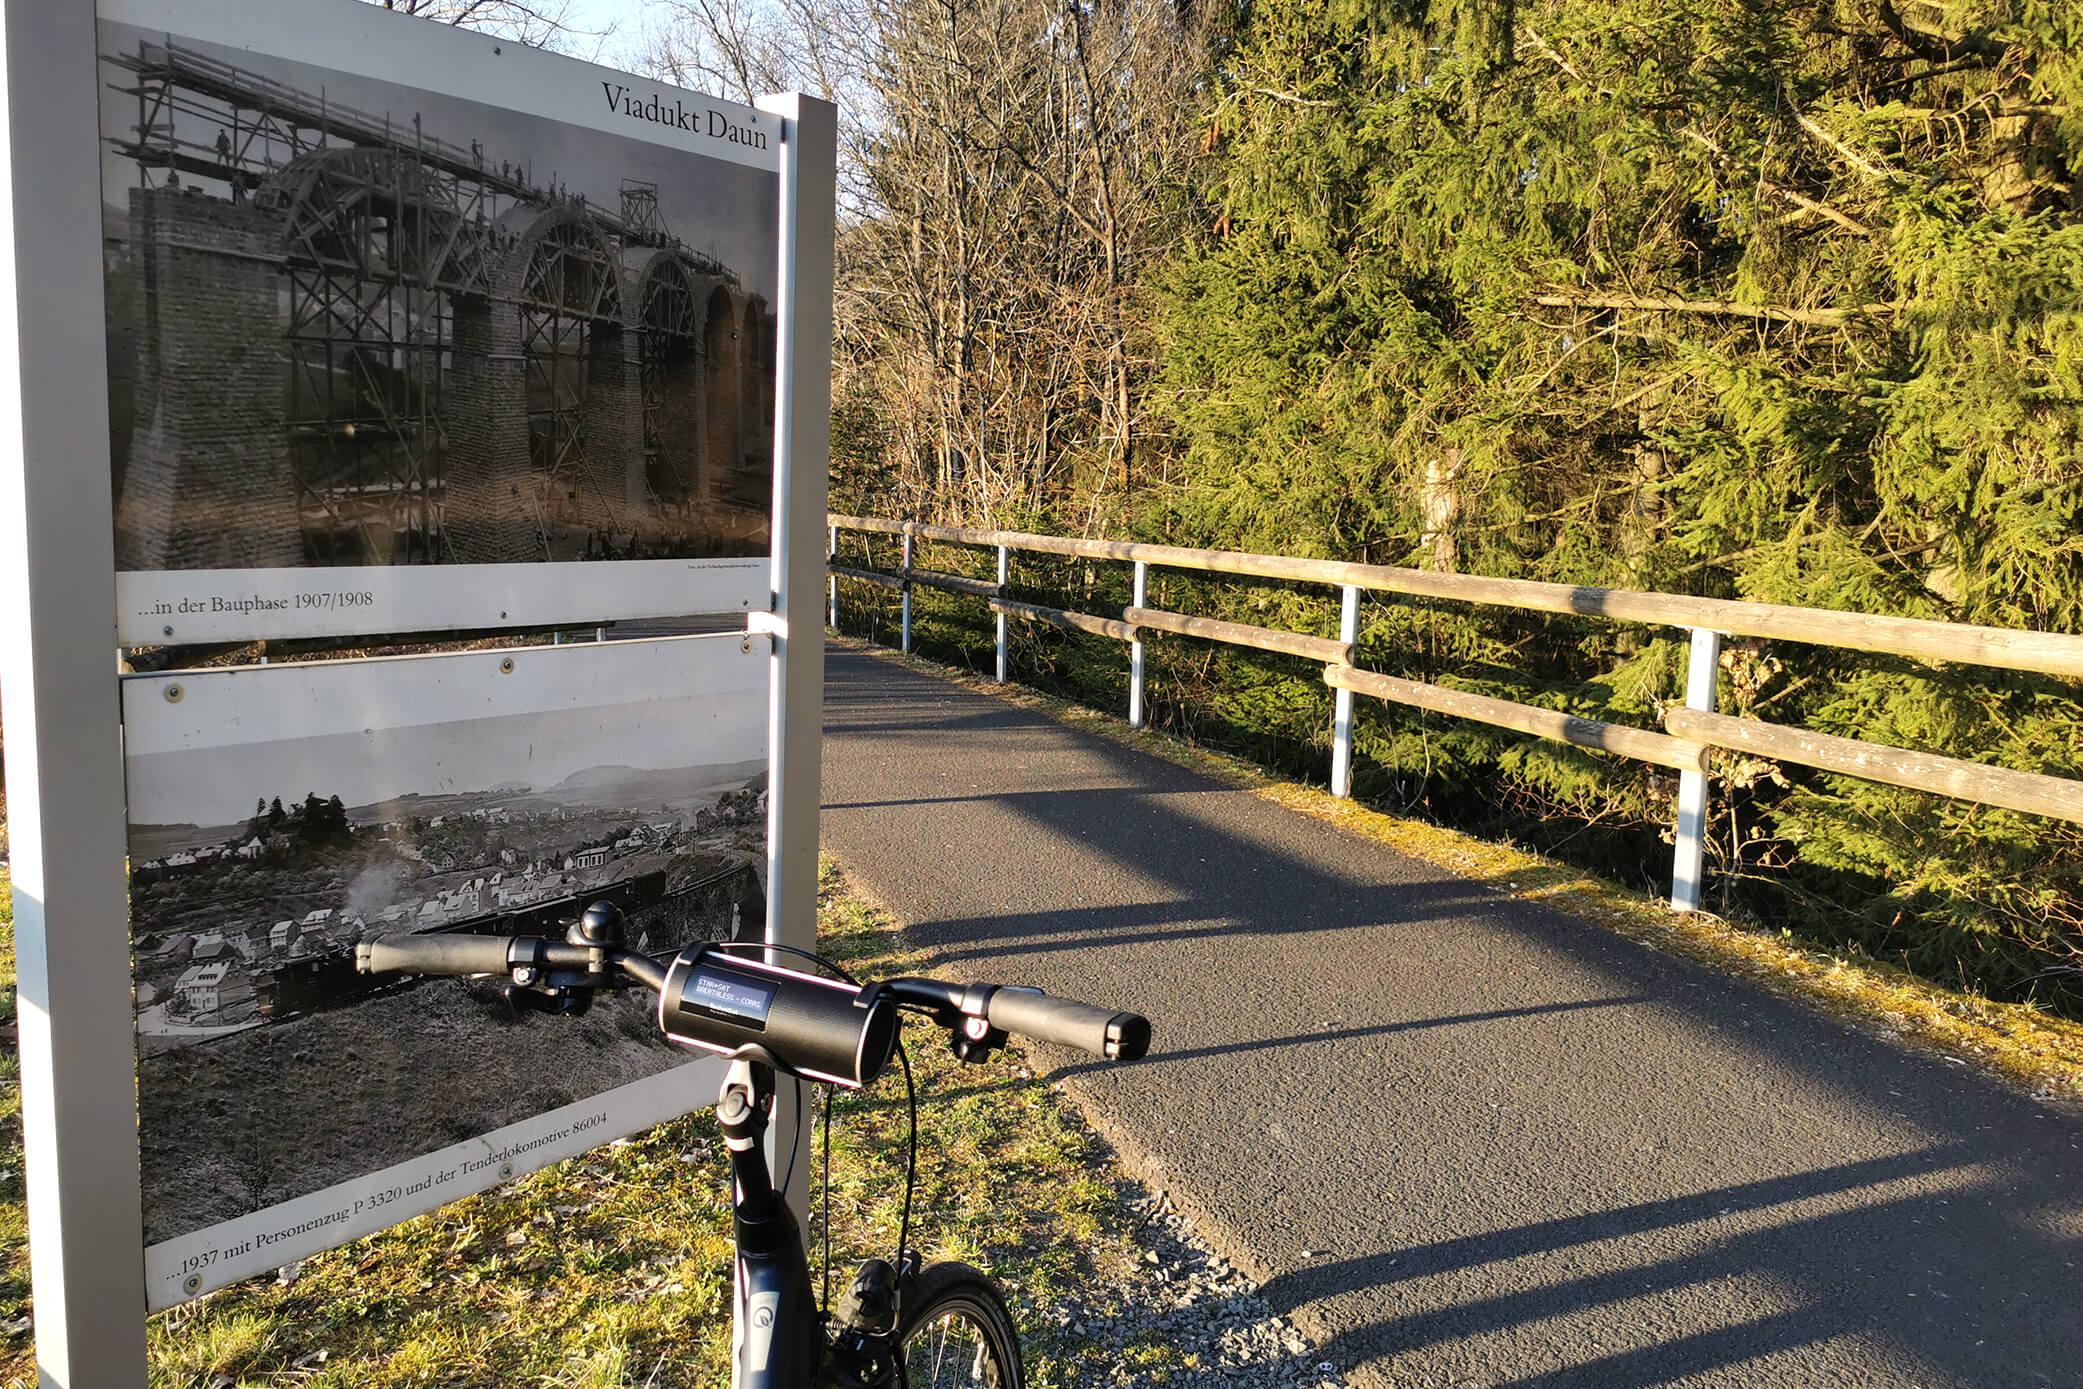 DIGITRADIO Bike 1: Für mehr Spaß bei der nächsten Fahrradtour.